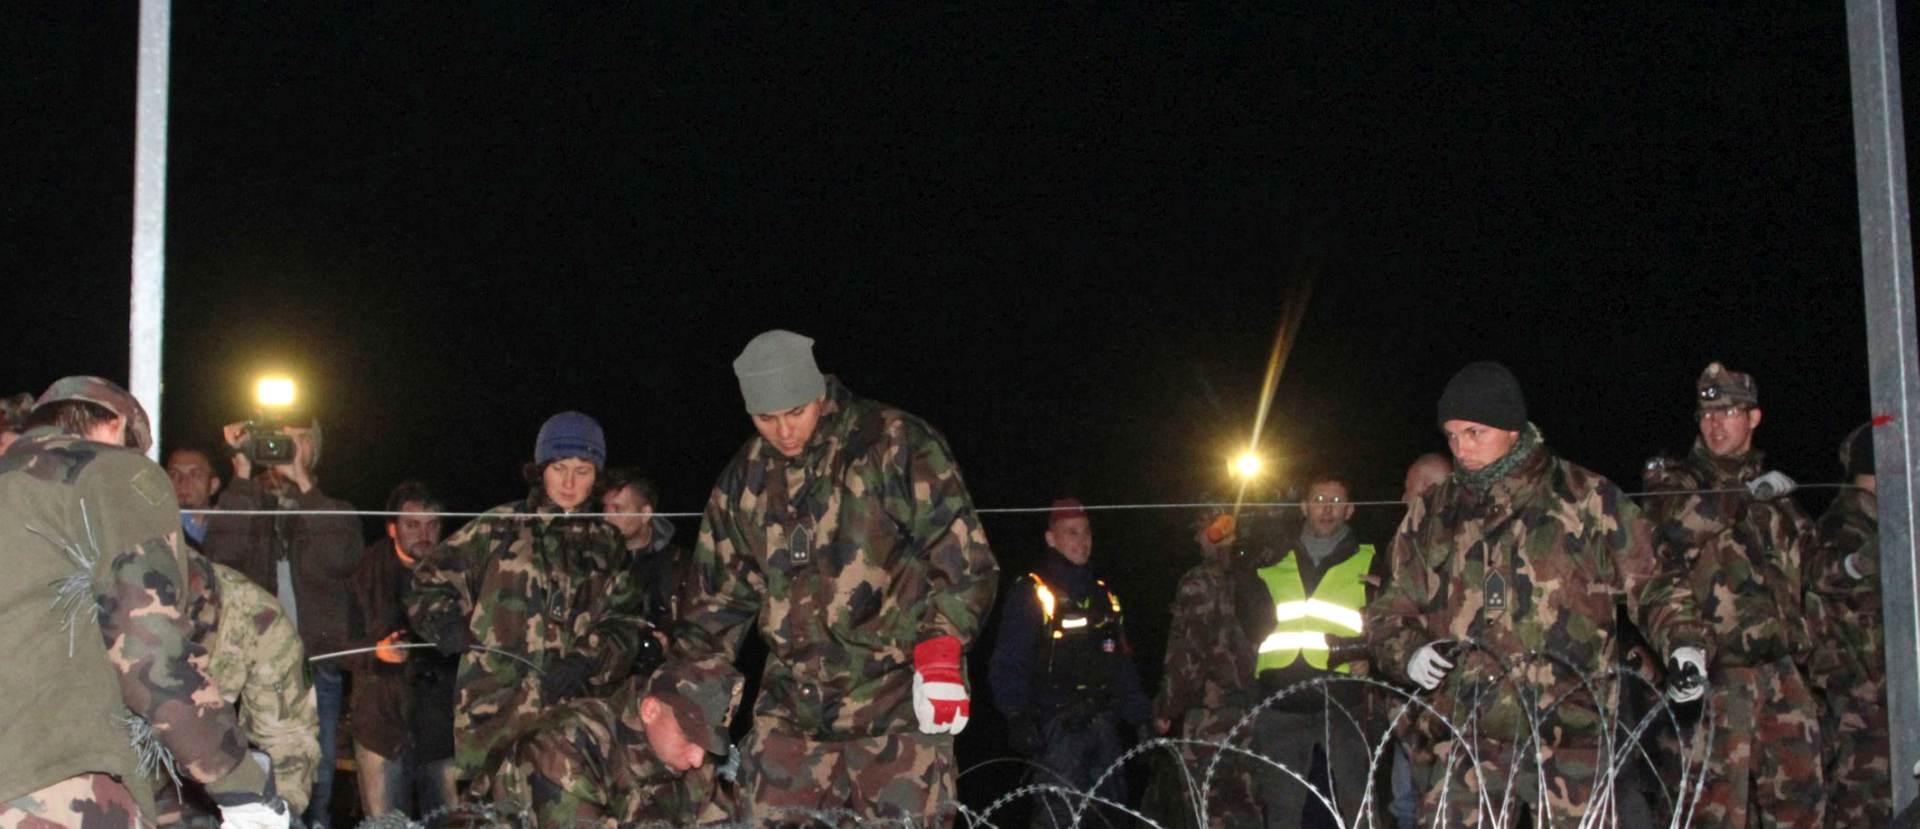 VODENI TOPOVI,VOJSKA,BODLJIKAVA ŽICA: Mađarska zatvorila granice s Hrvatskom